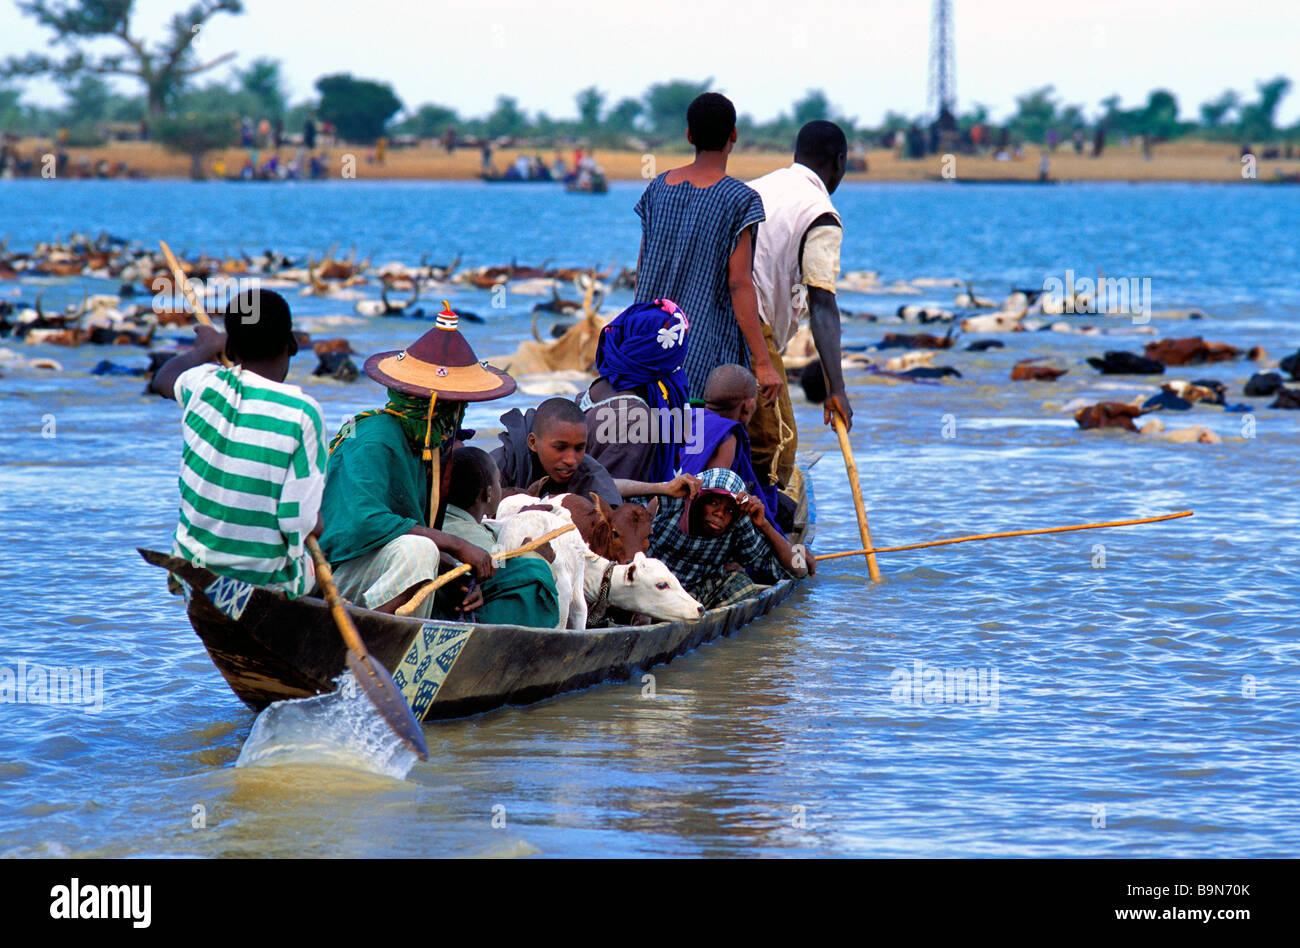 Malí, región de Mopti, Sofara fula, rebaños trashumantes, cruzar el río Bani Foto de stock